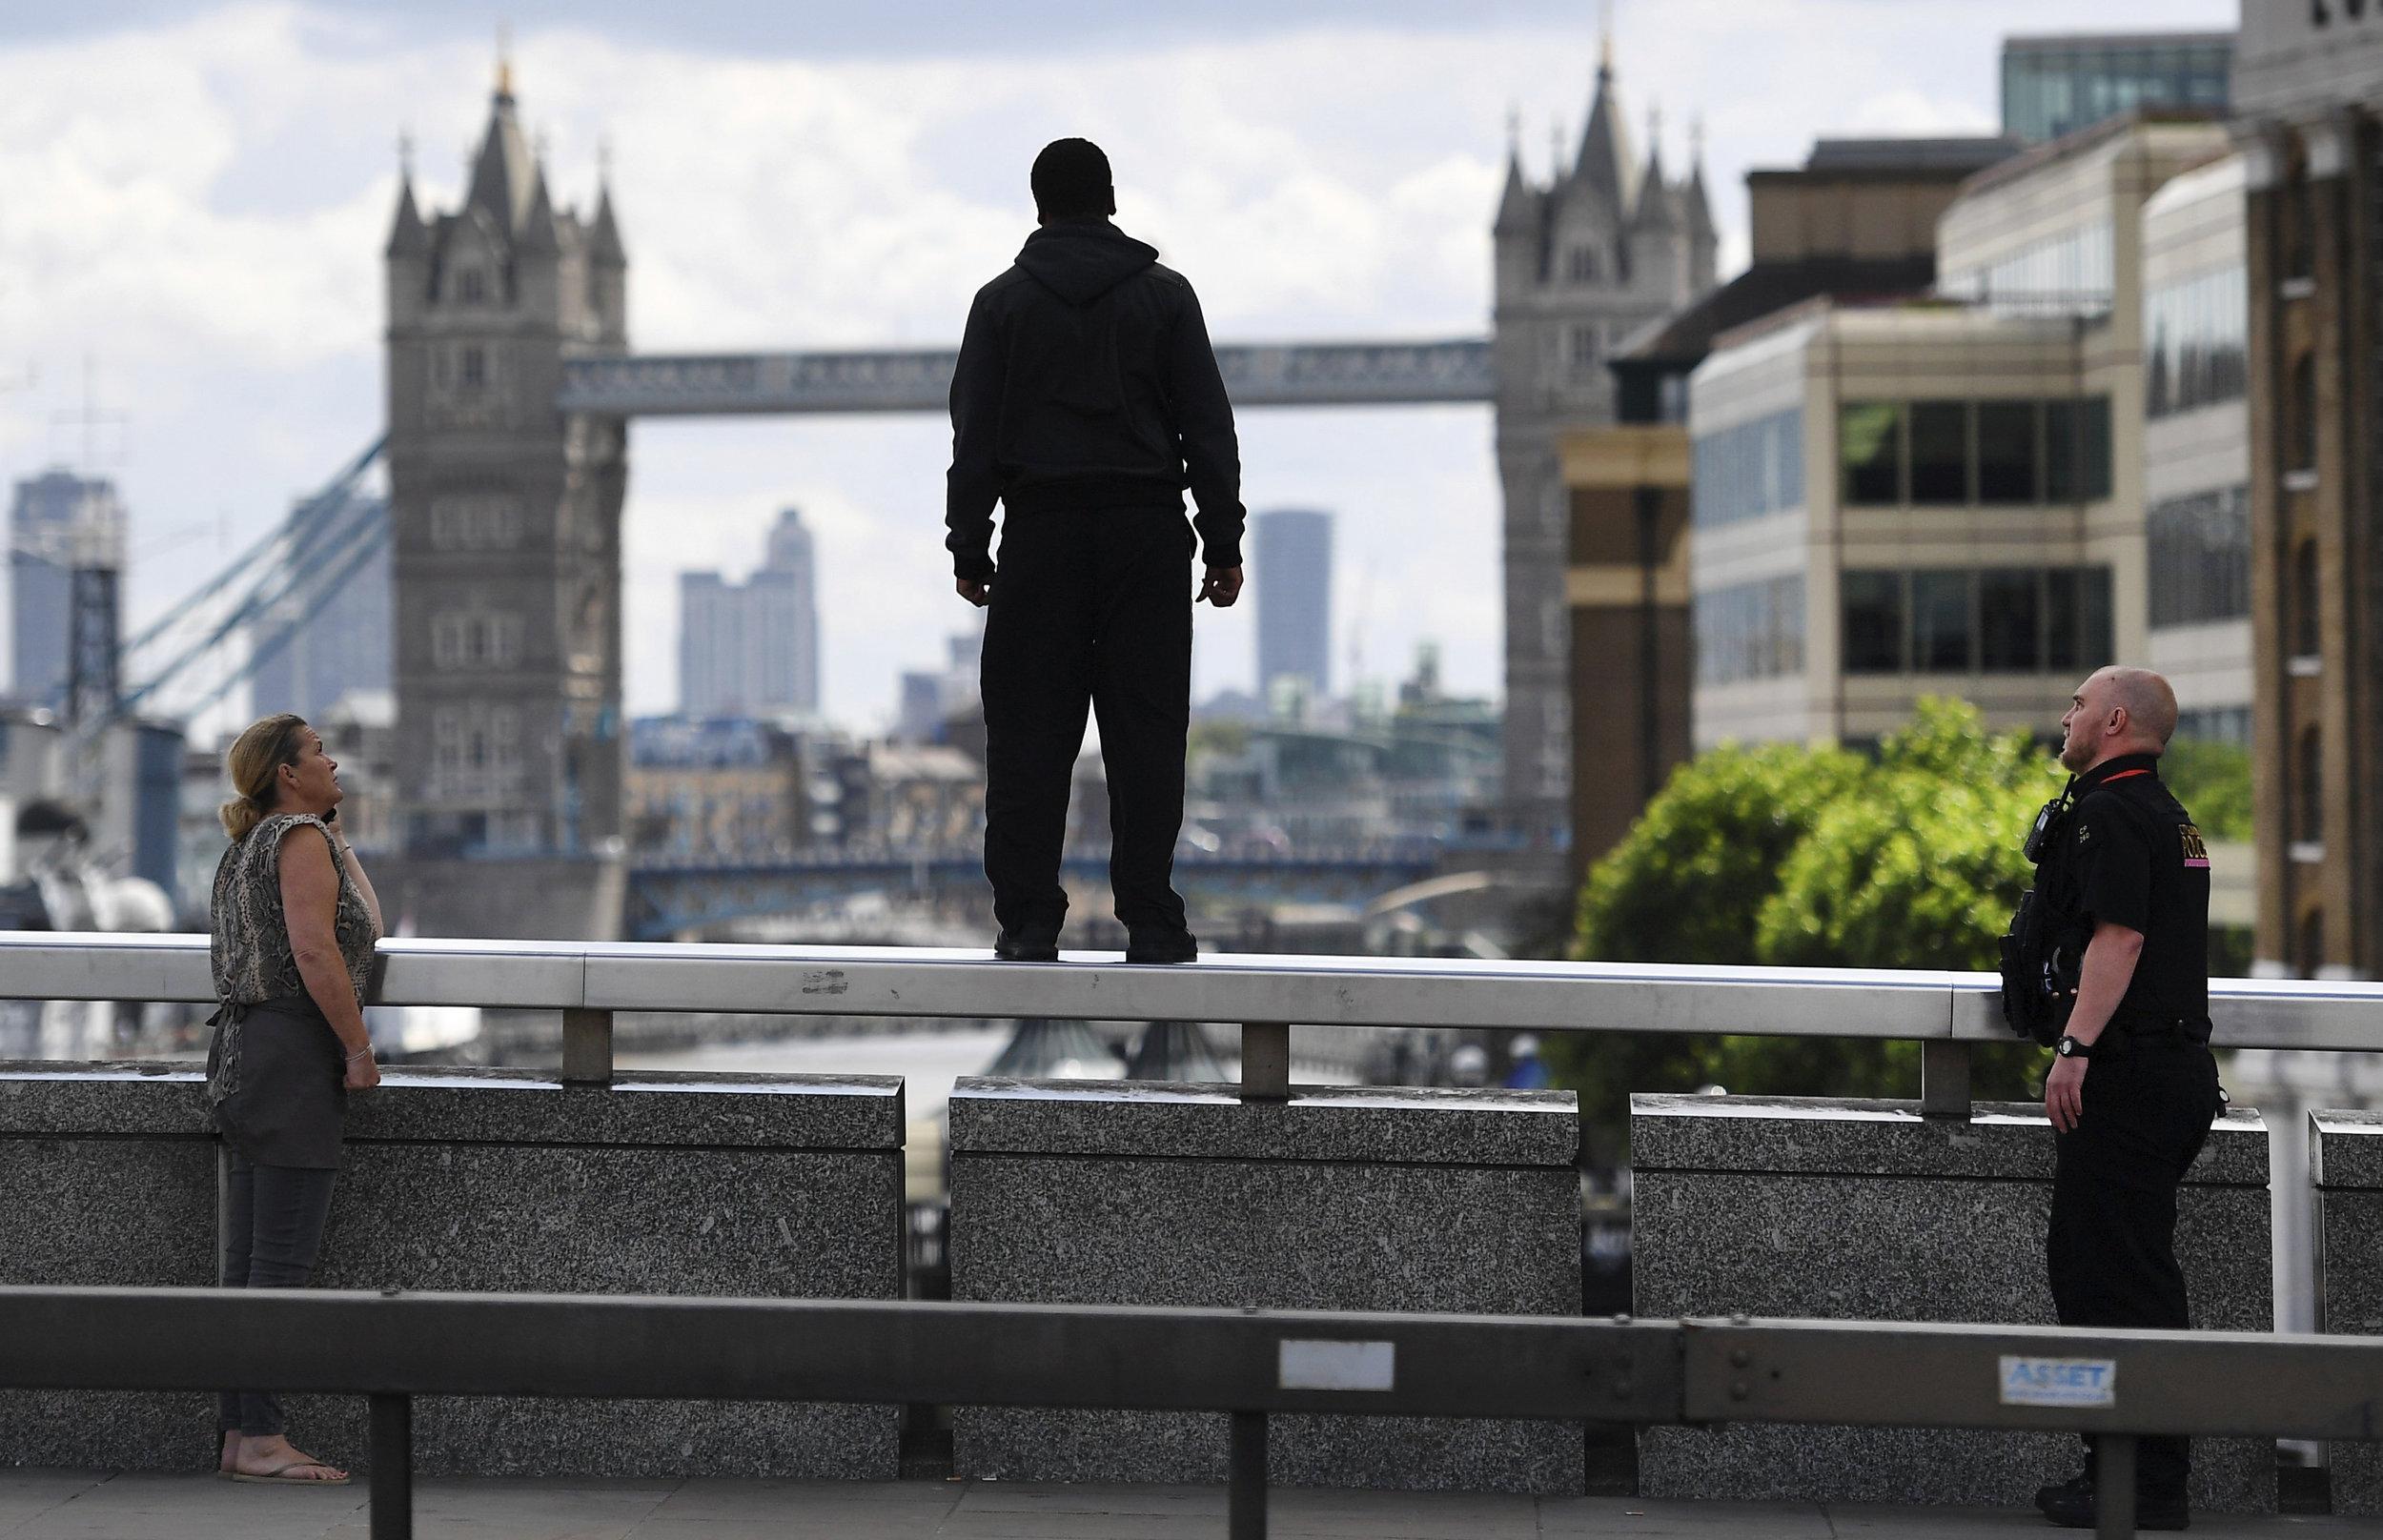 Al potencial suicida no hay que reprocharle algo o juzgarlo. Lo que hay que hacer es ayudarlo/EFE/ Andy Rain